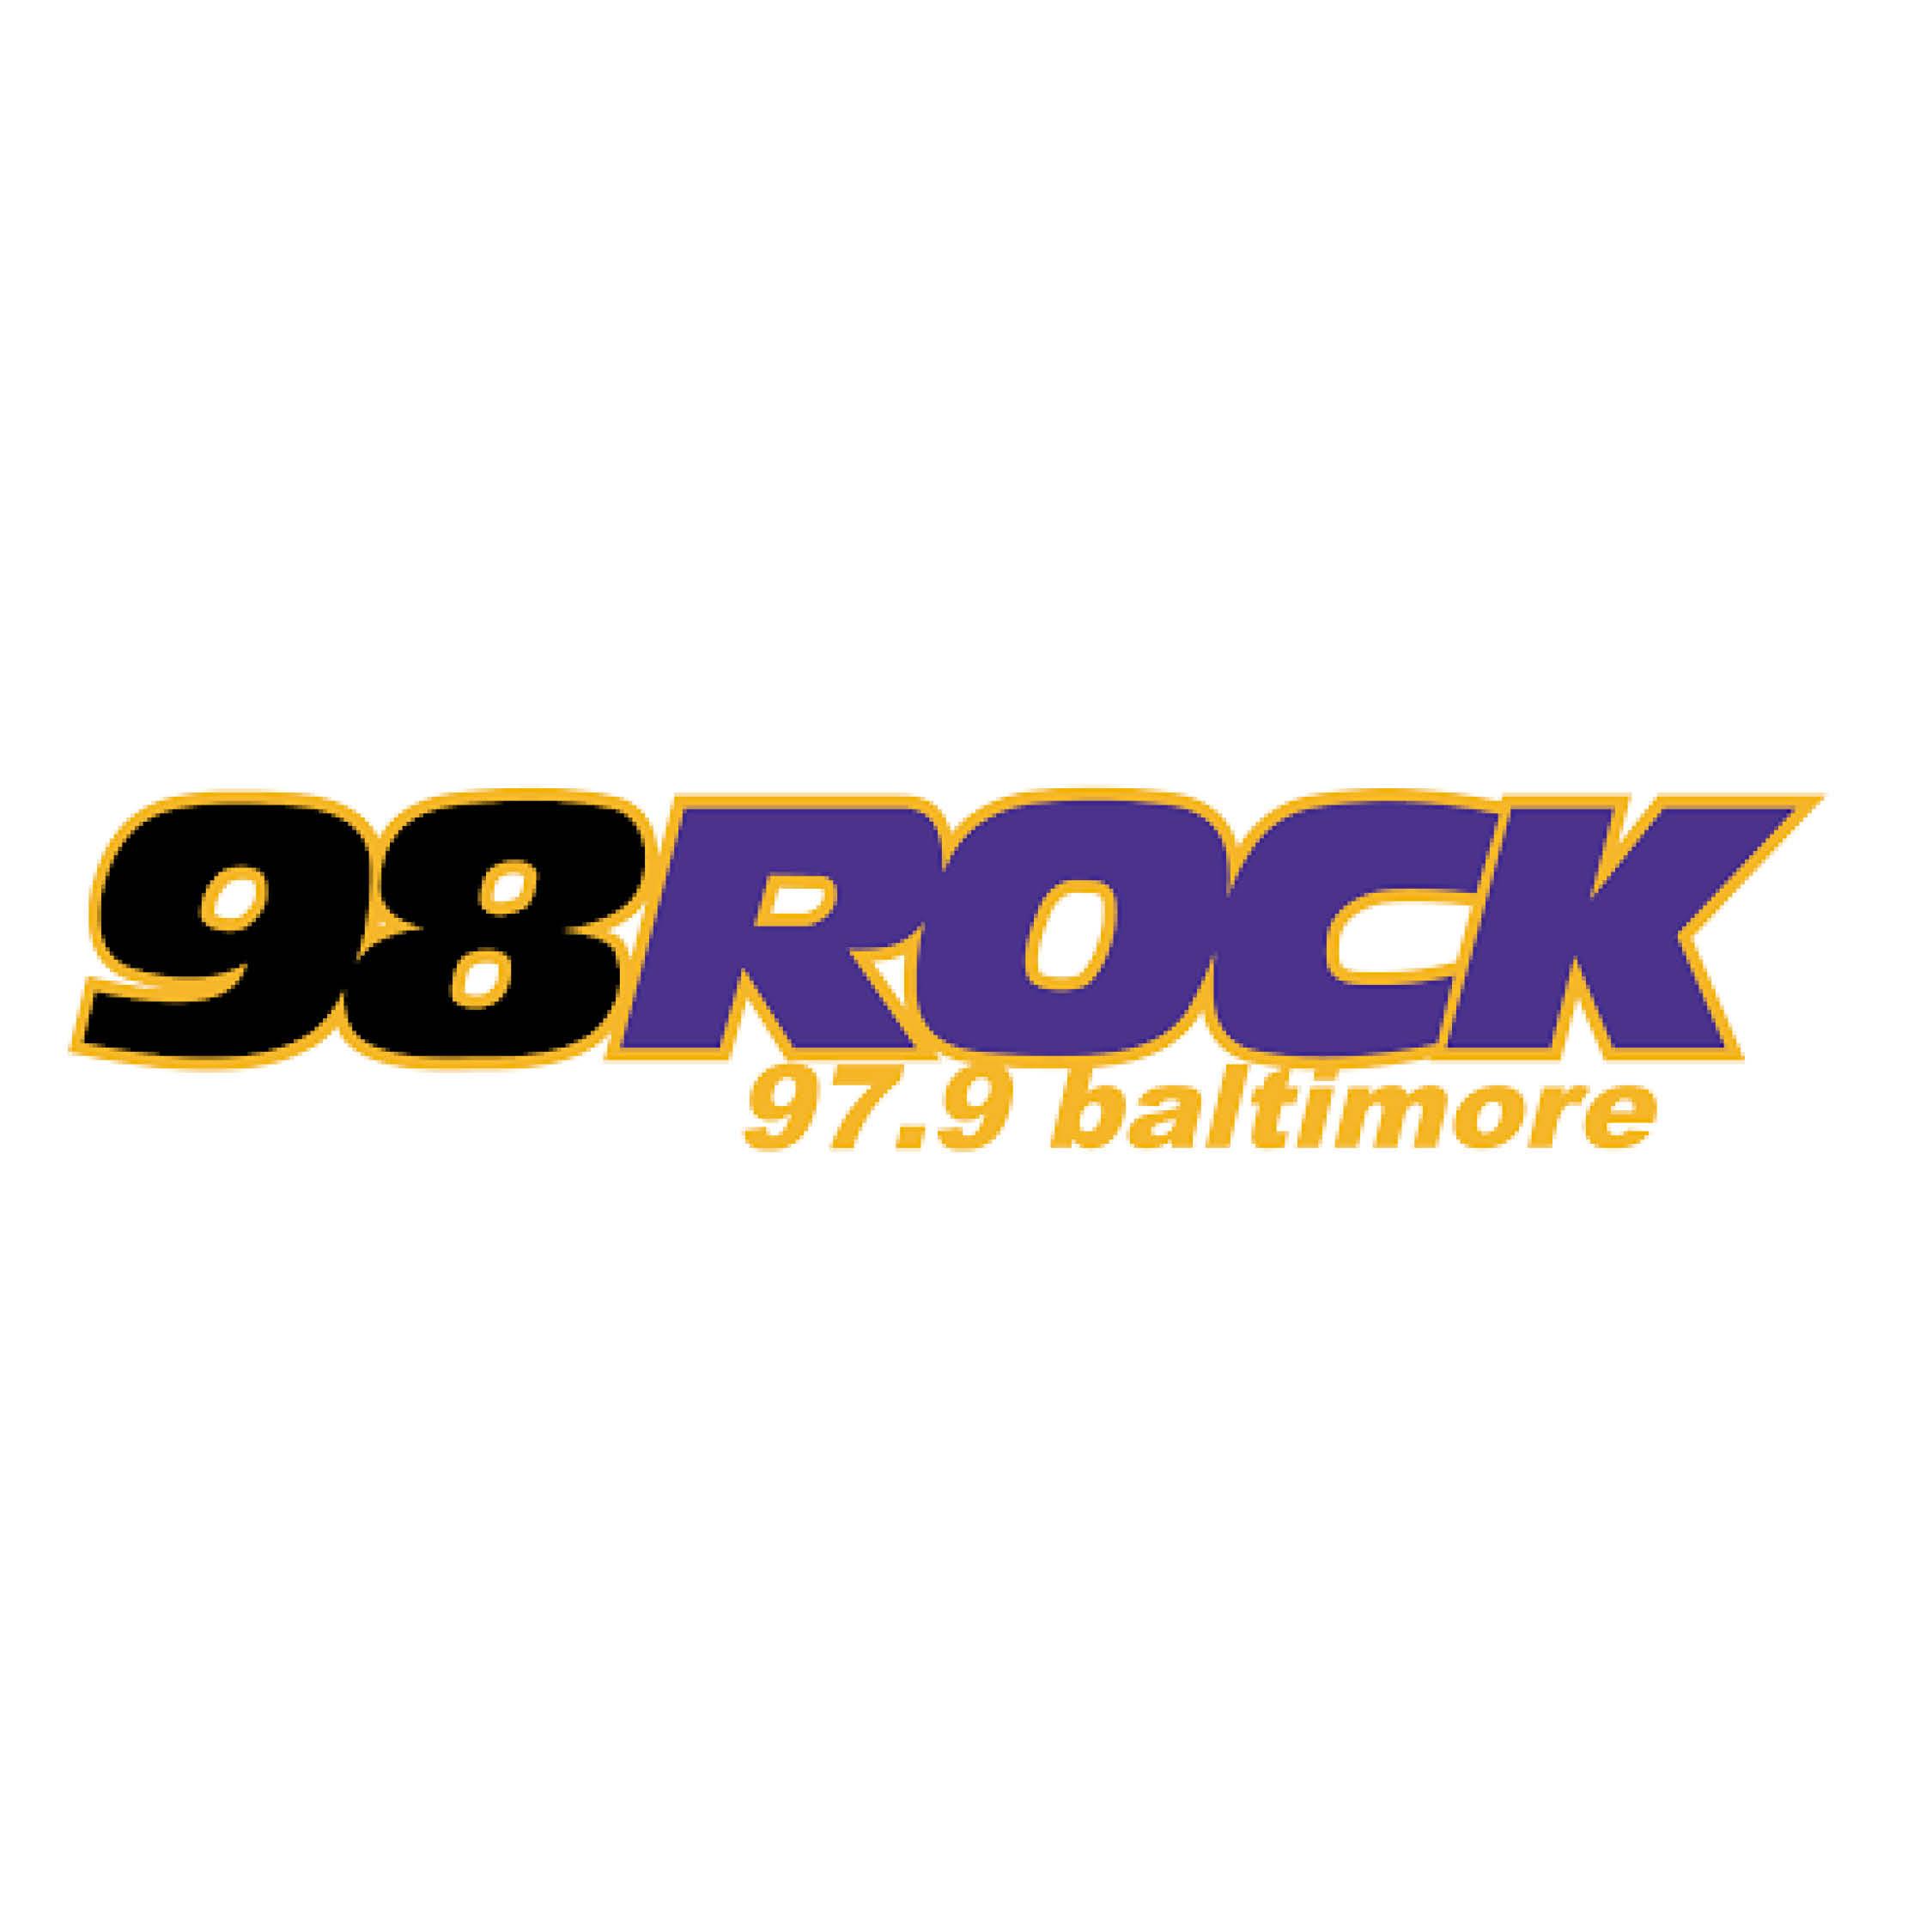 98 rock.jpg